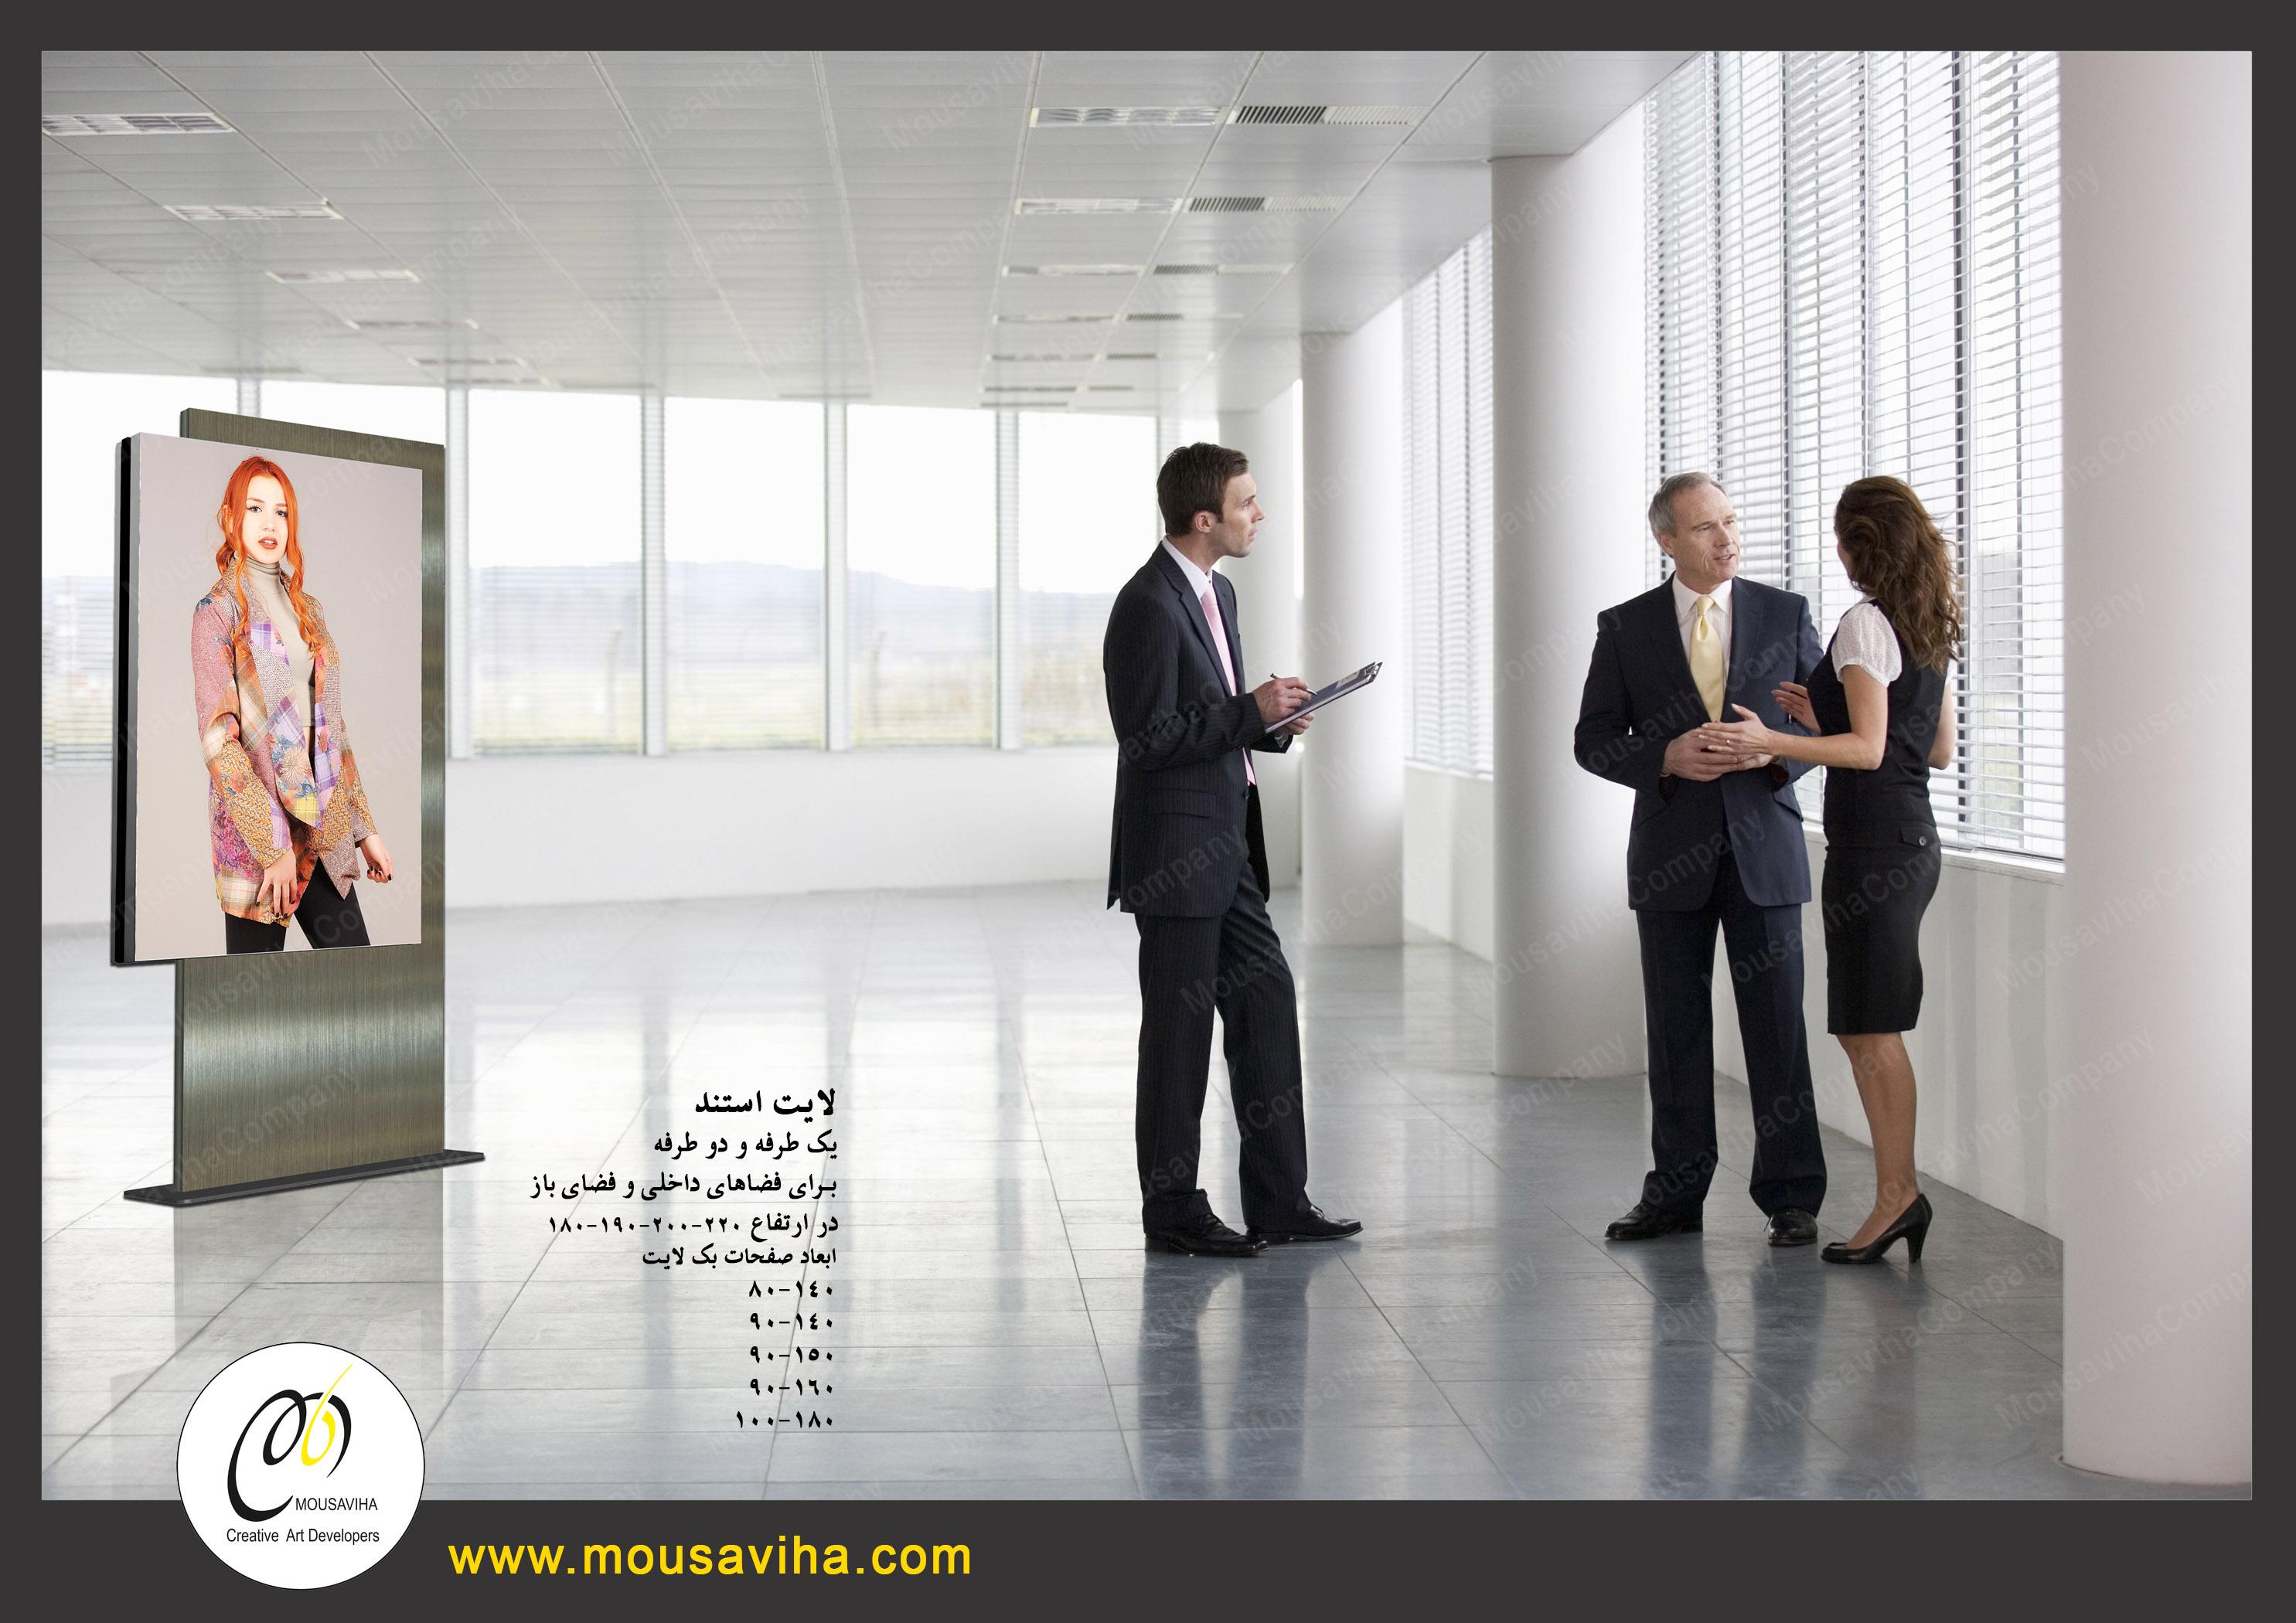 استند بک لیت فروشگاهی-شرکت موسویها (2)